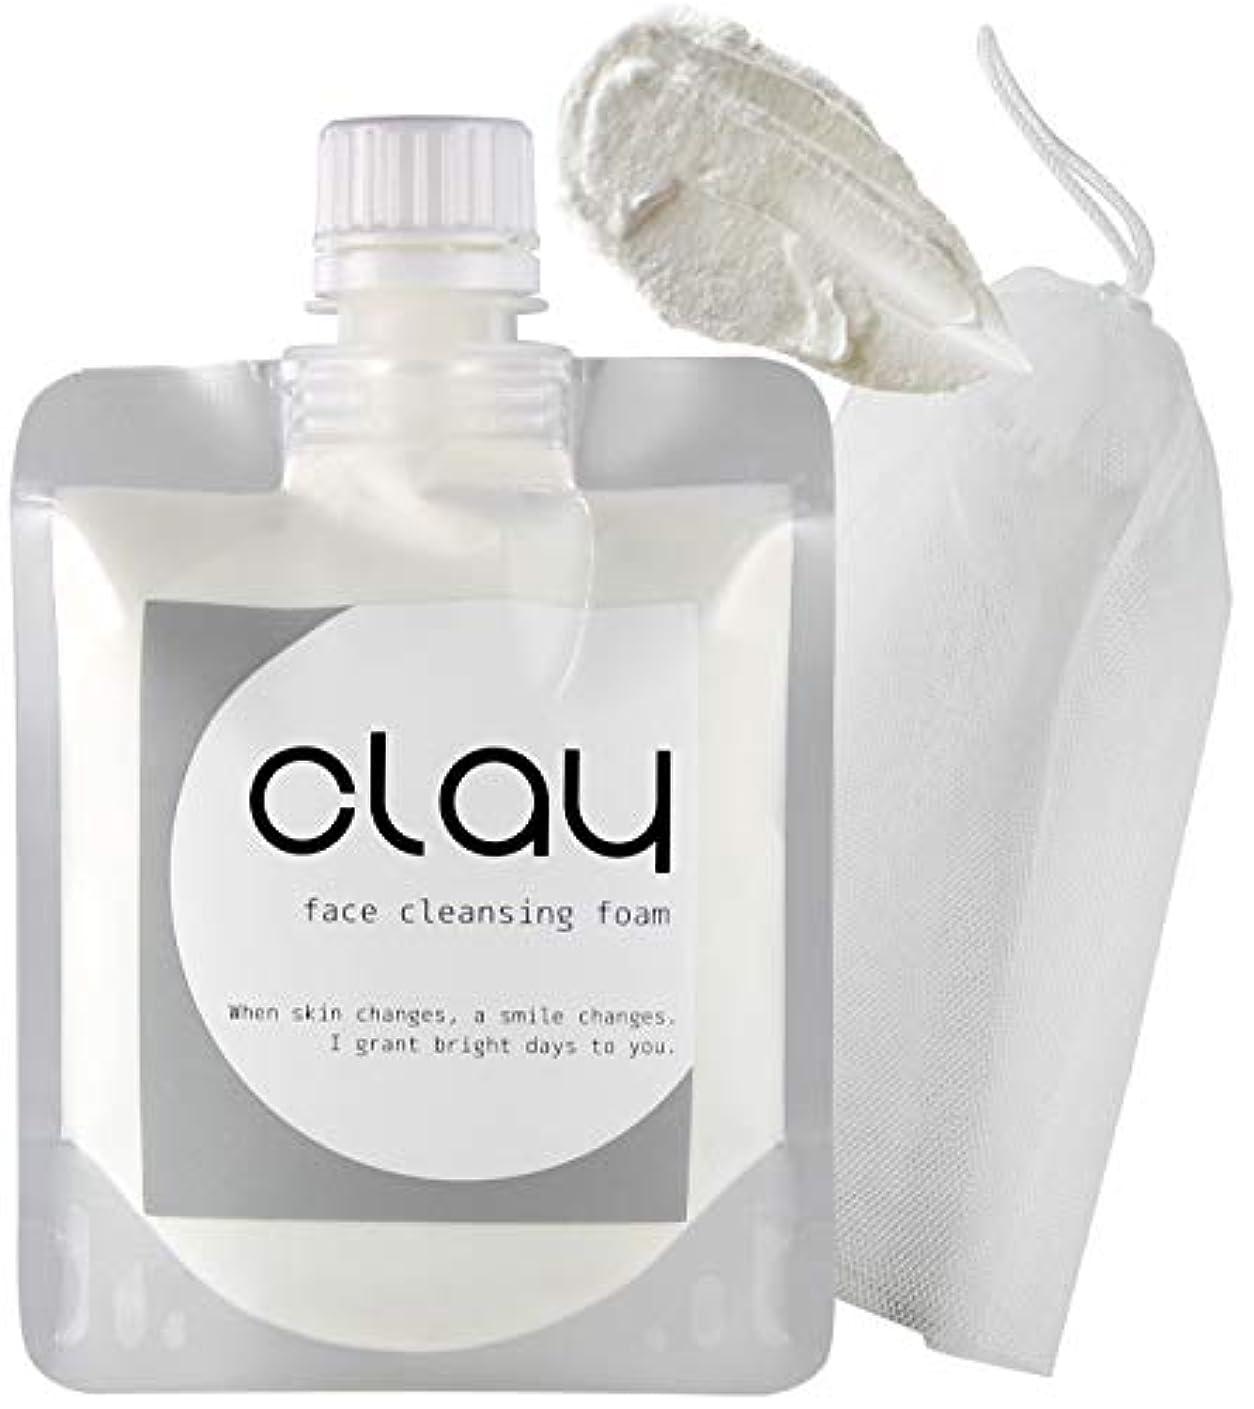 ご注意光沢高さSTAR'S クレイ 泥 洗顔 オーガニック 【 毛穴 黒ずみ 開き ザラ付き 用】「 泡 ネット 付き」 40種類の植物エキス 16種類の美容成分 9つの無添加 透明感 柔肌 130g (Clay)